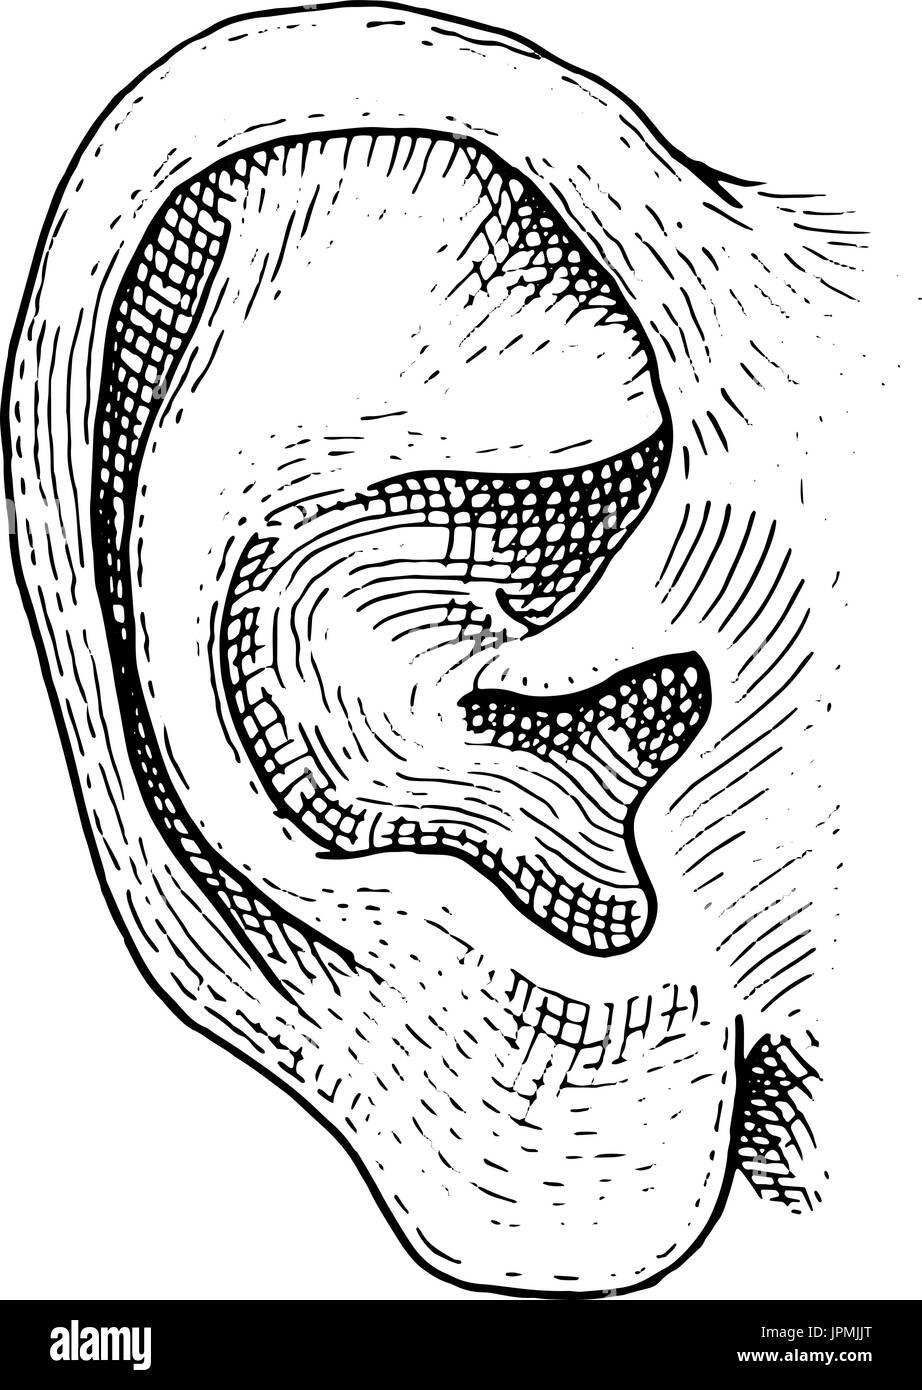 Humanbiologie, Orgel-Anatomie-Illustration. gravierte ...